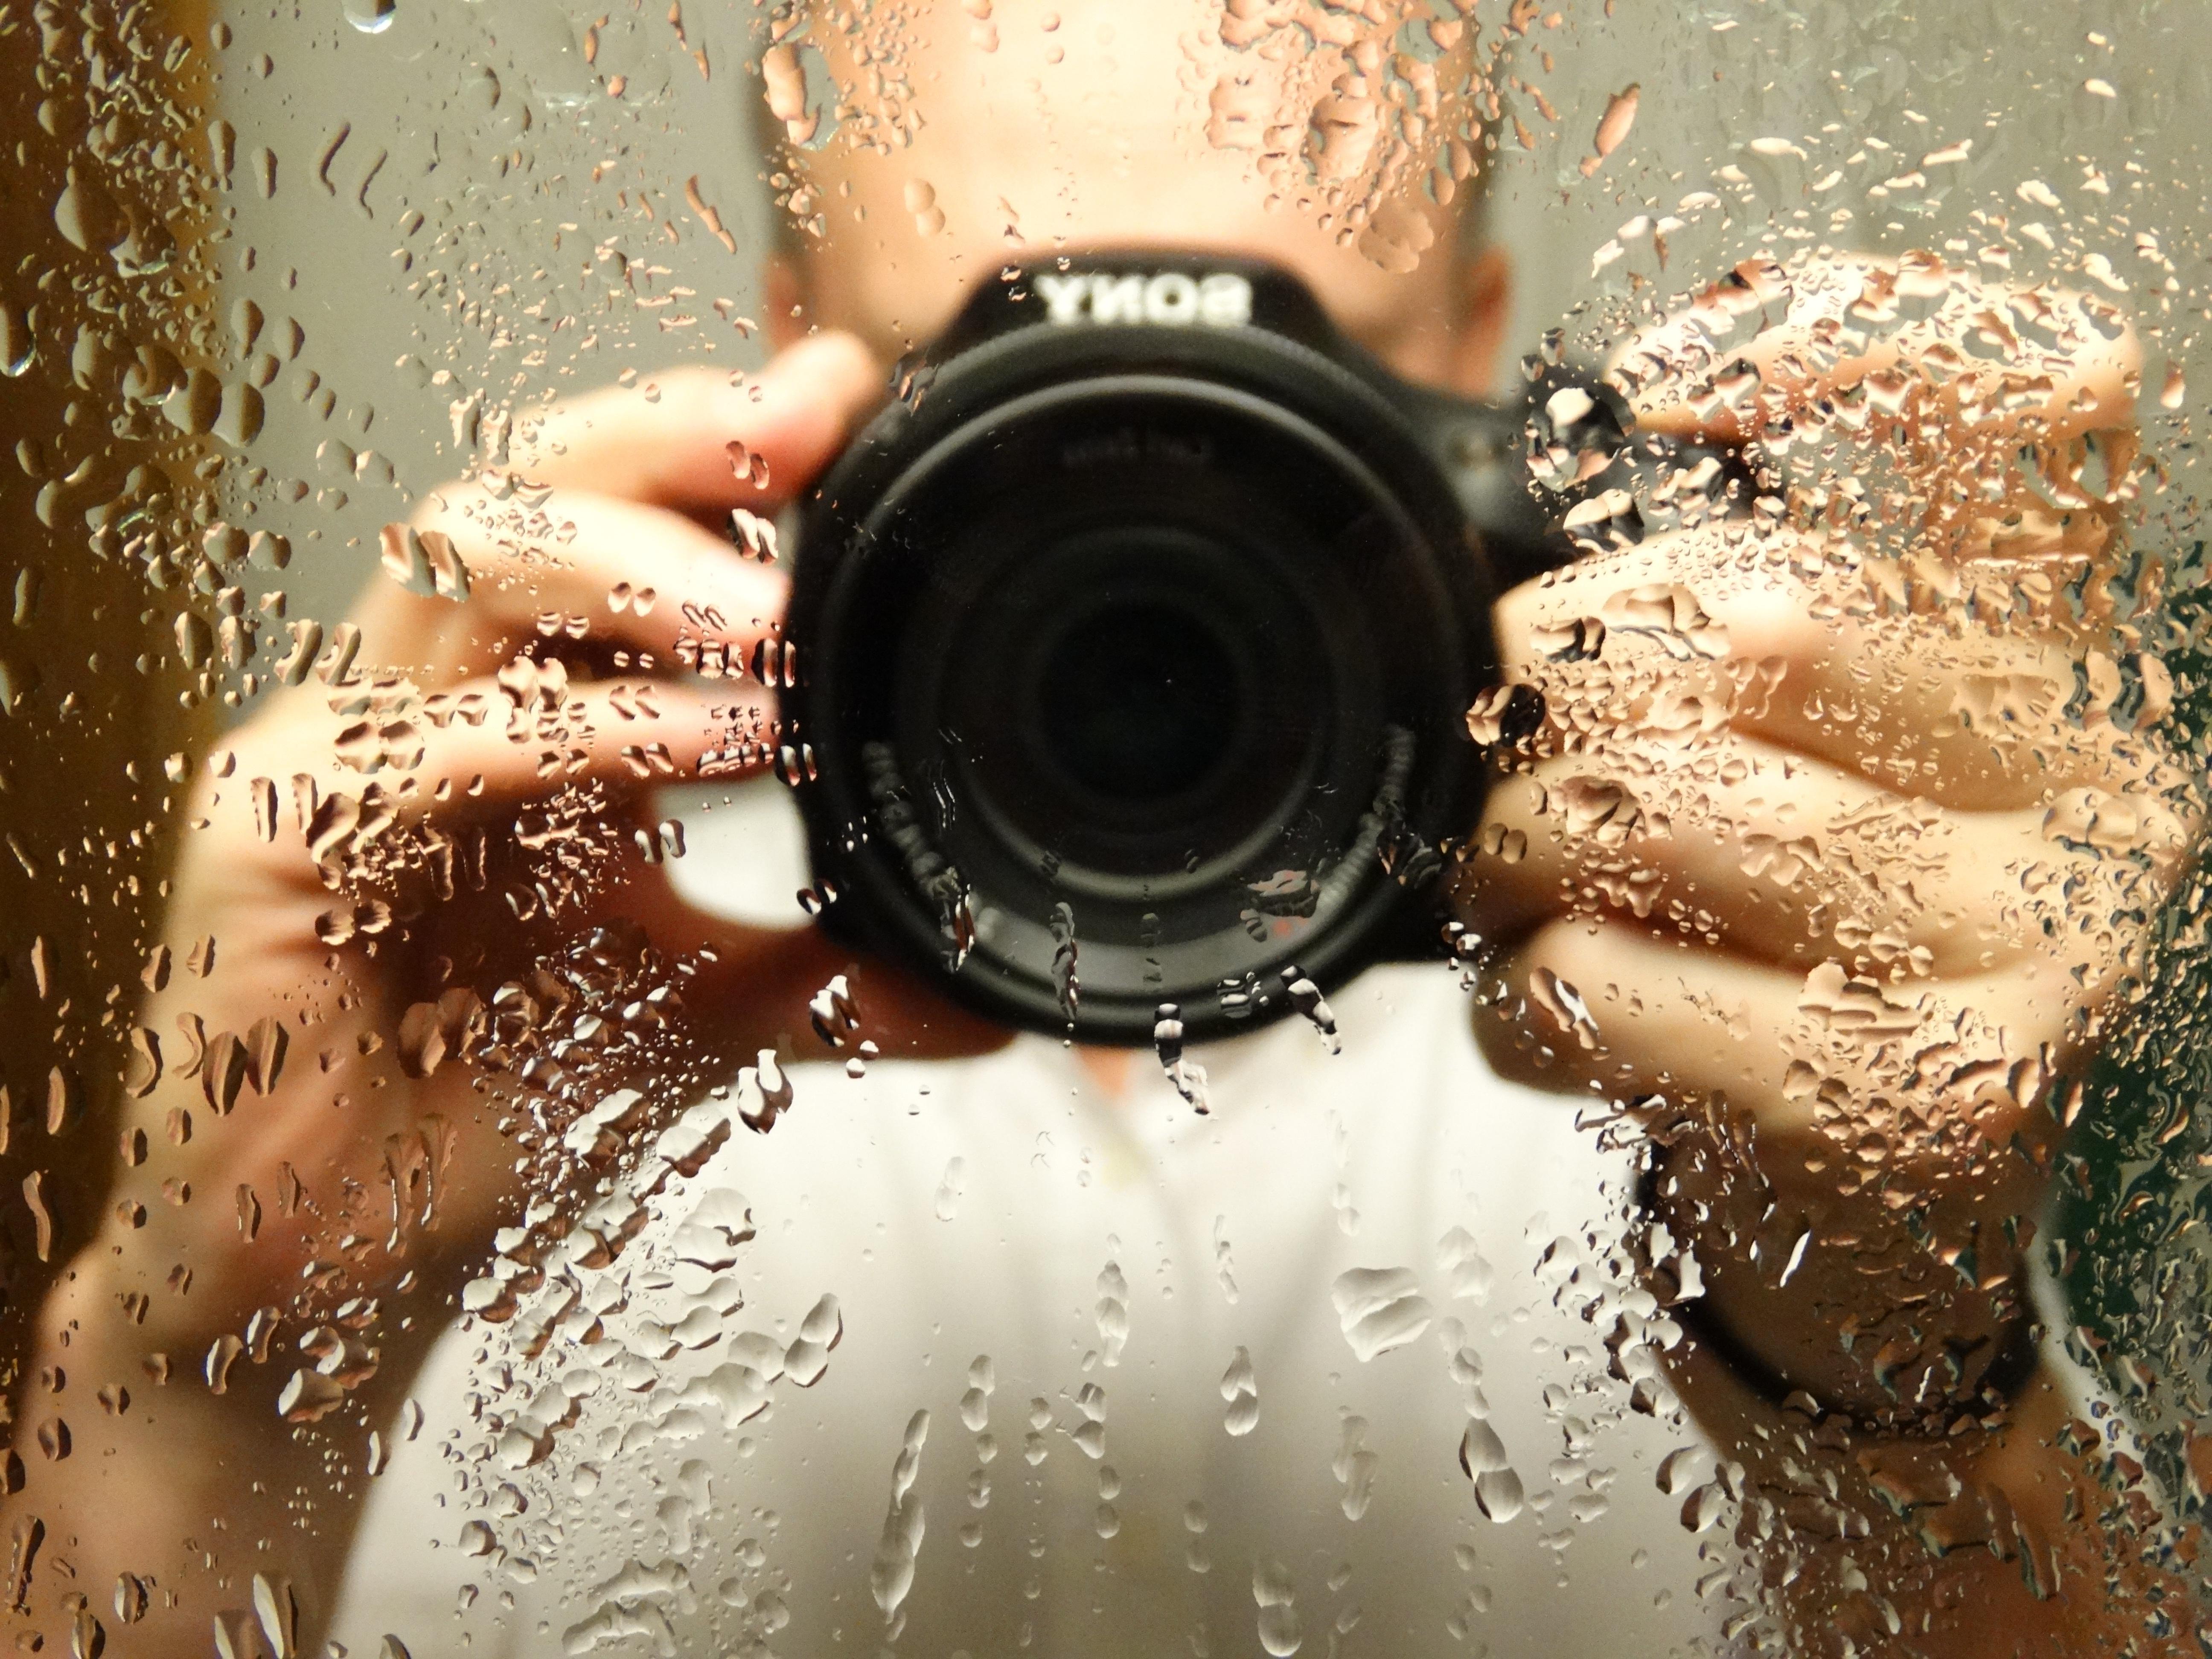 photographer-489089